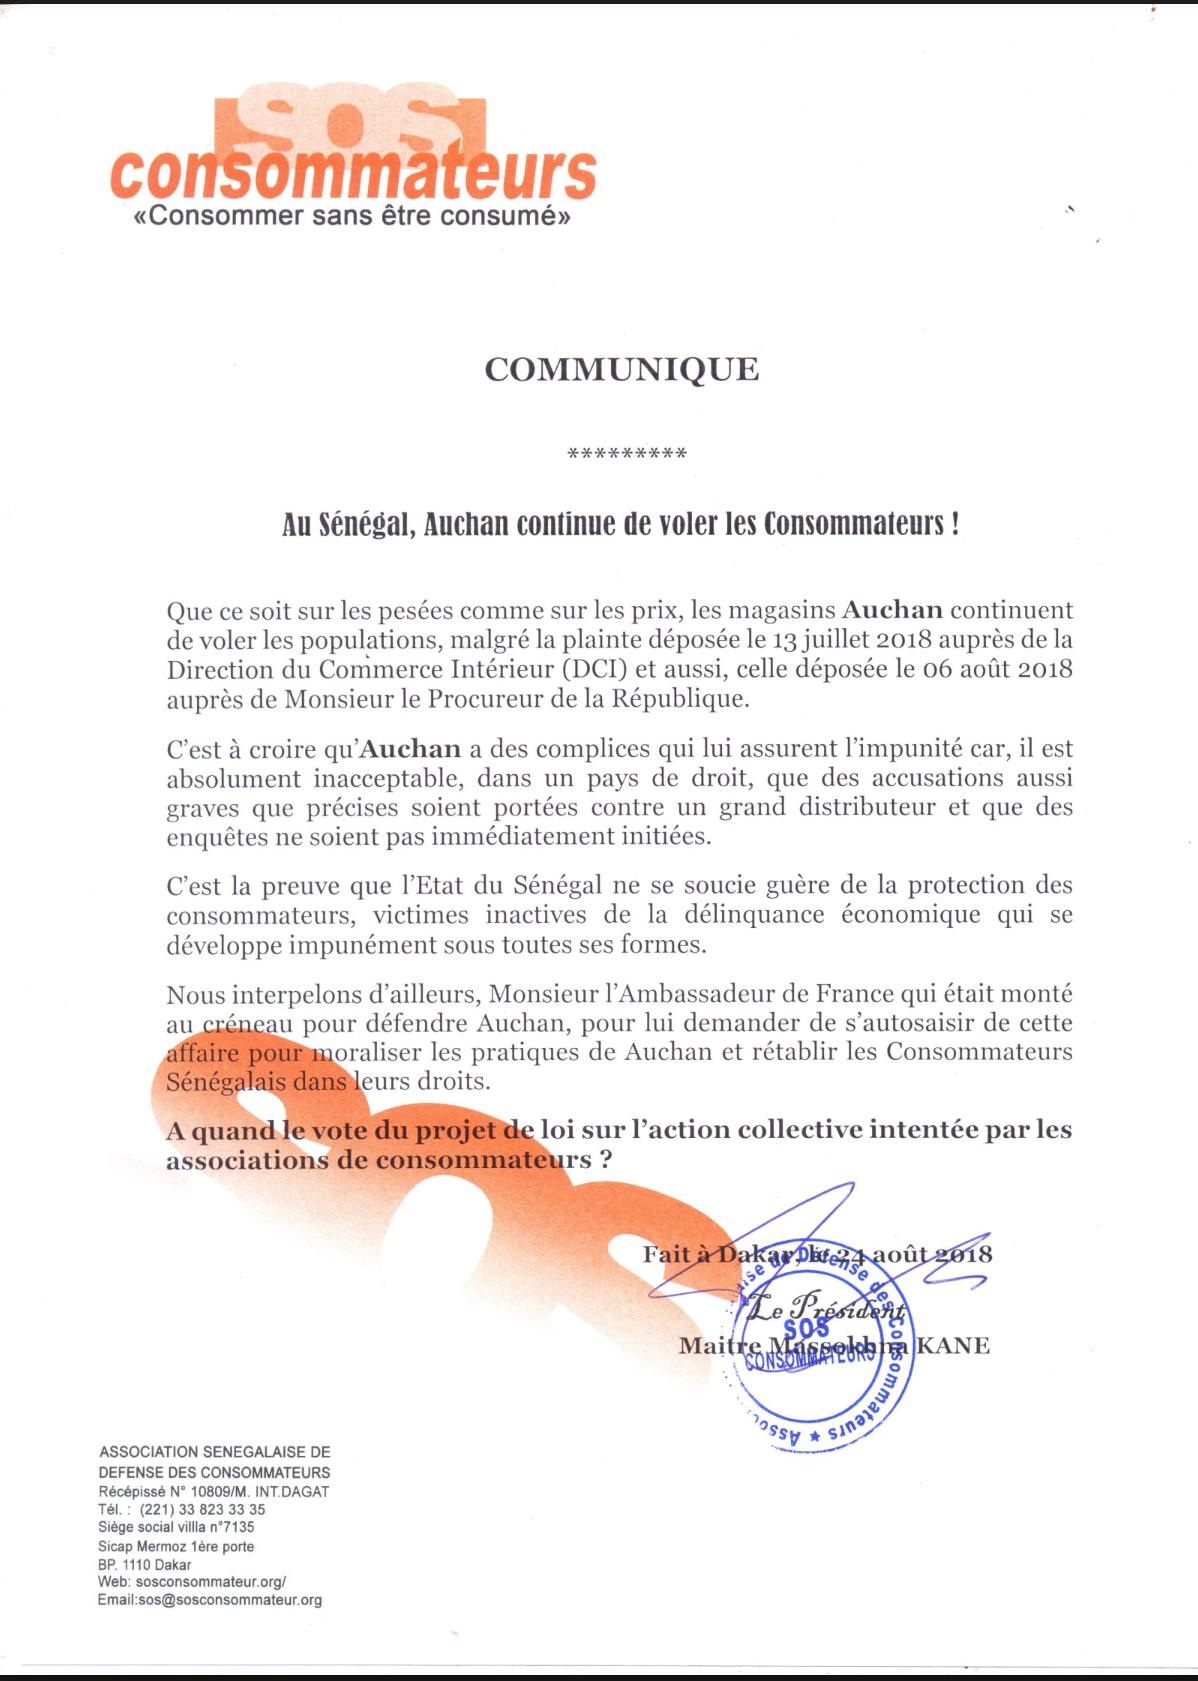 Me Massokhna Kane «SOS CONSOMMATEURS» : «Au Sénégal, Auchan continue de voler ses Consommateurs !» (DOCUMENT)